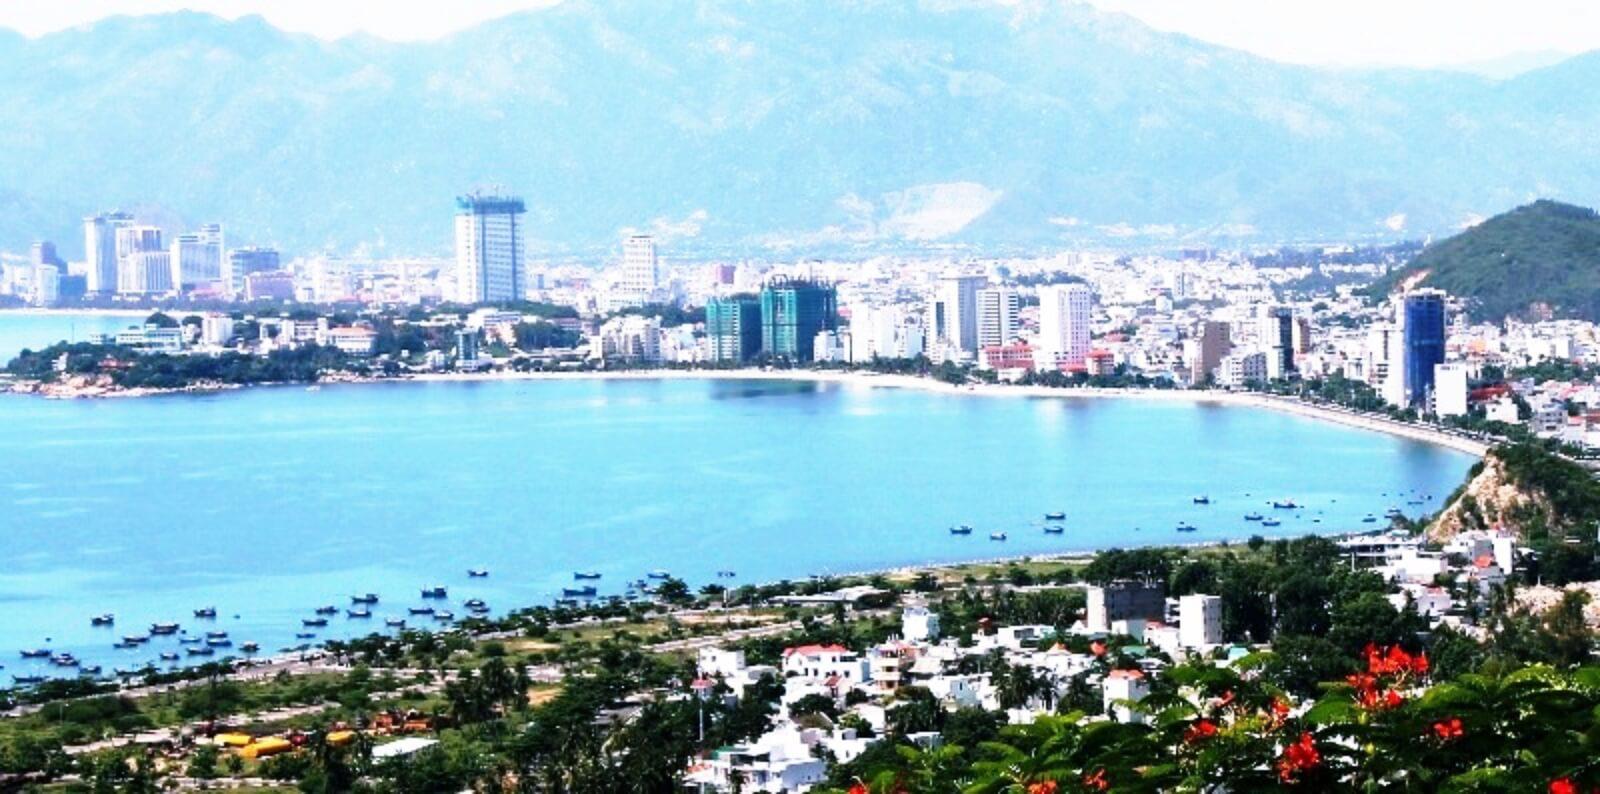 Tổng quan dự án bất động sản tại Nha Trang